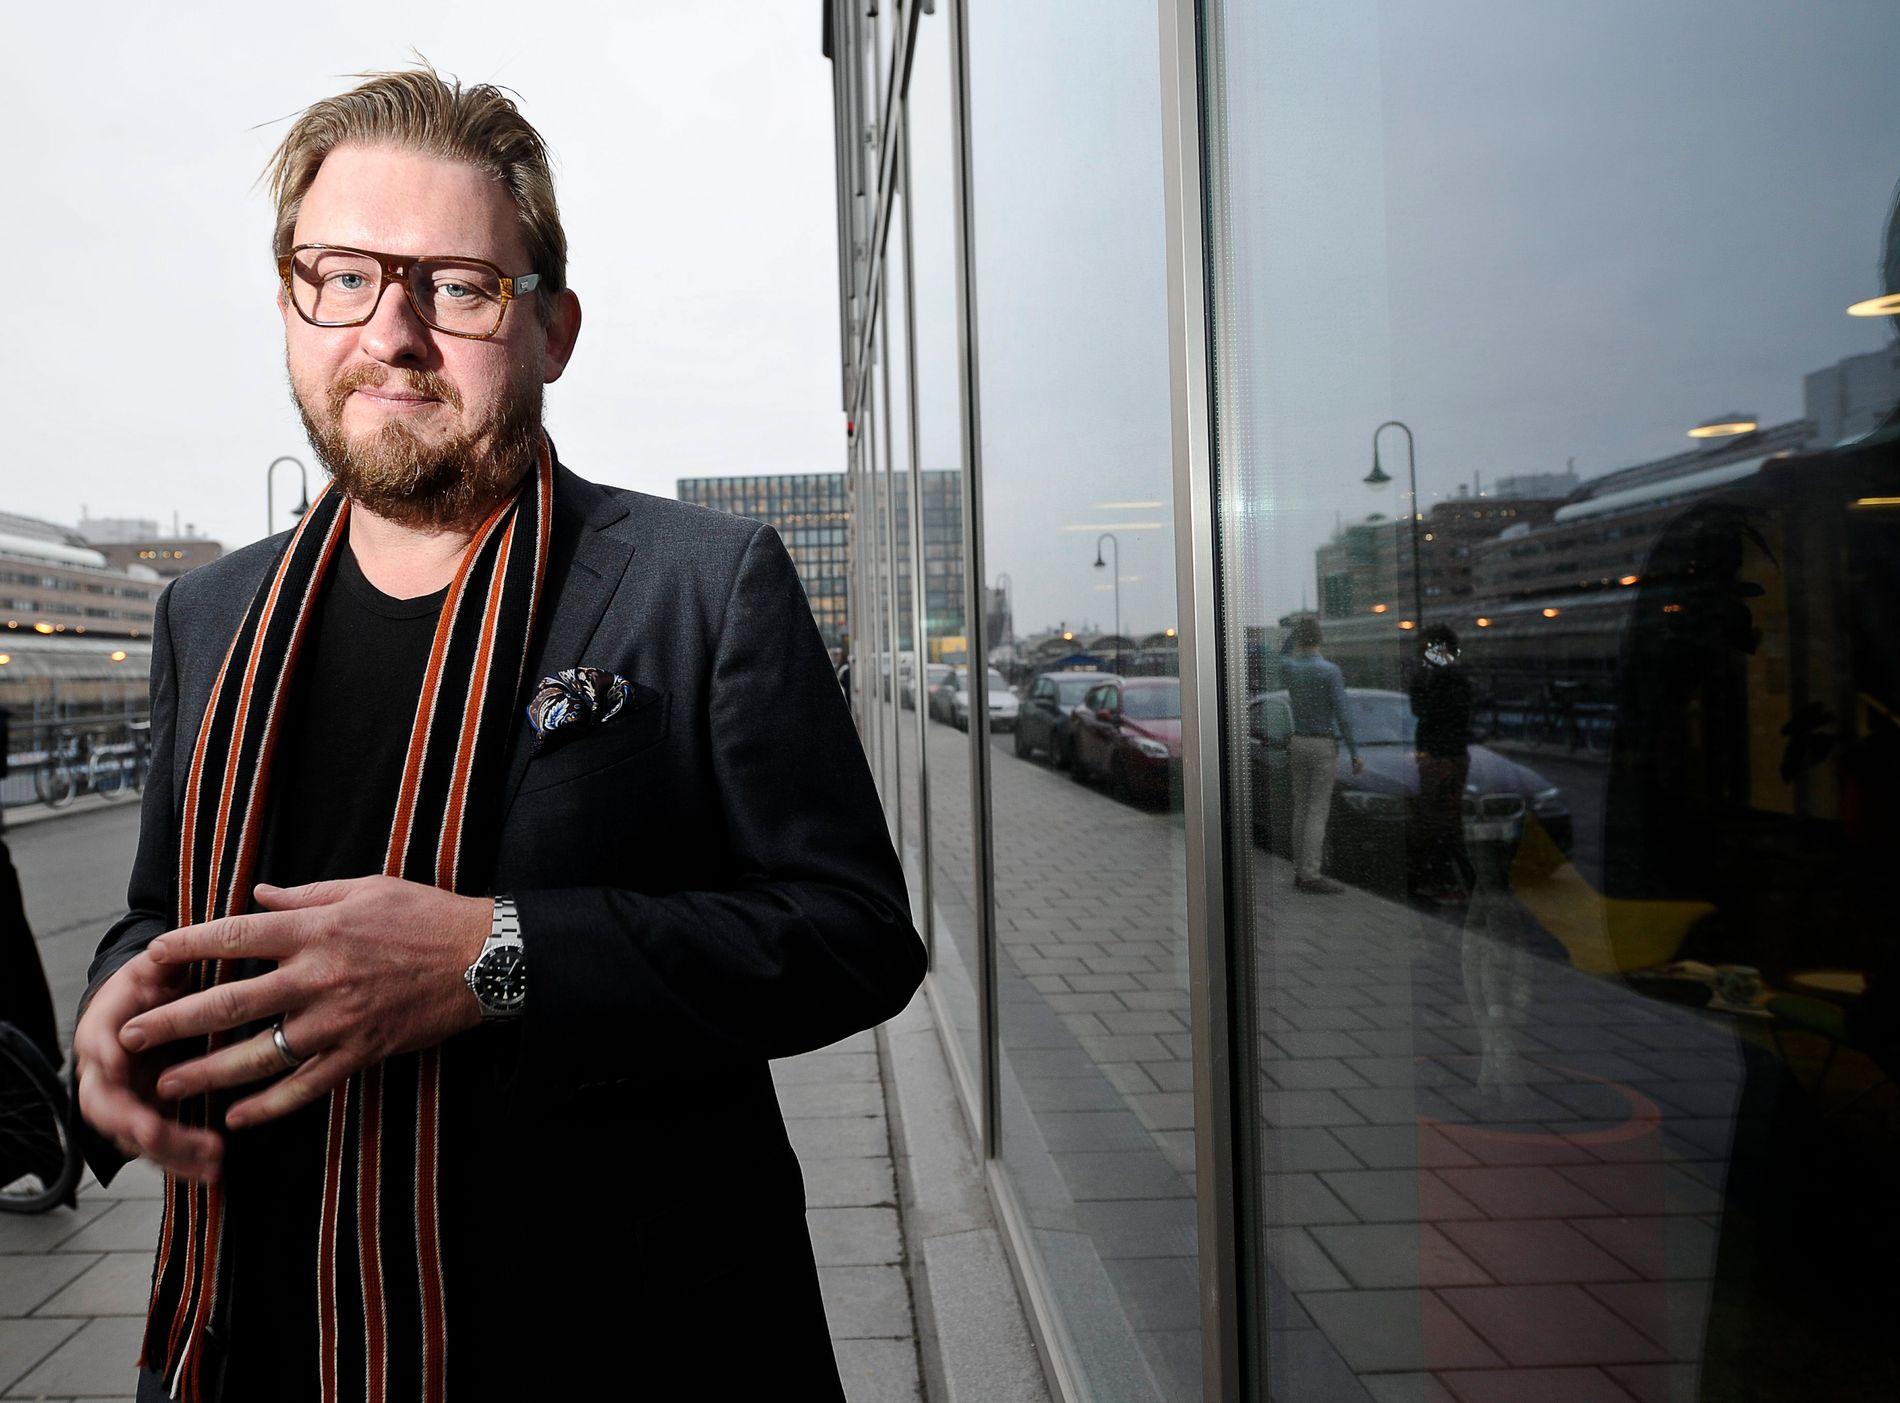 PAUSE FRA JOBBEN: Den svenske Aftonbladet-journalisten tar en pause fra jobben etter anklagelser om seksuell trakassering og overgrep.